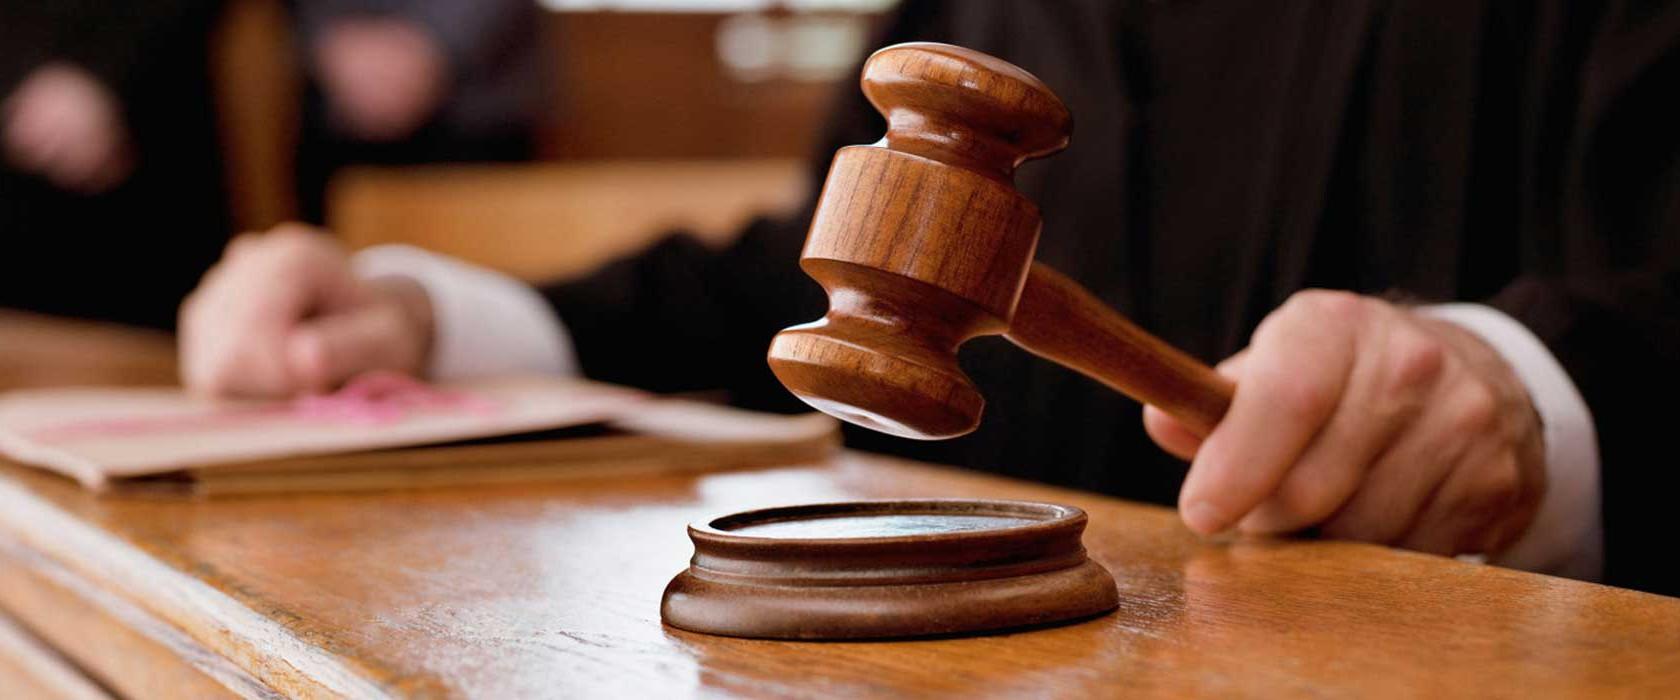 Юридическое сопровождение в судах общей юрисдикции